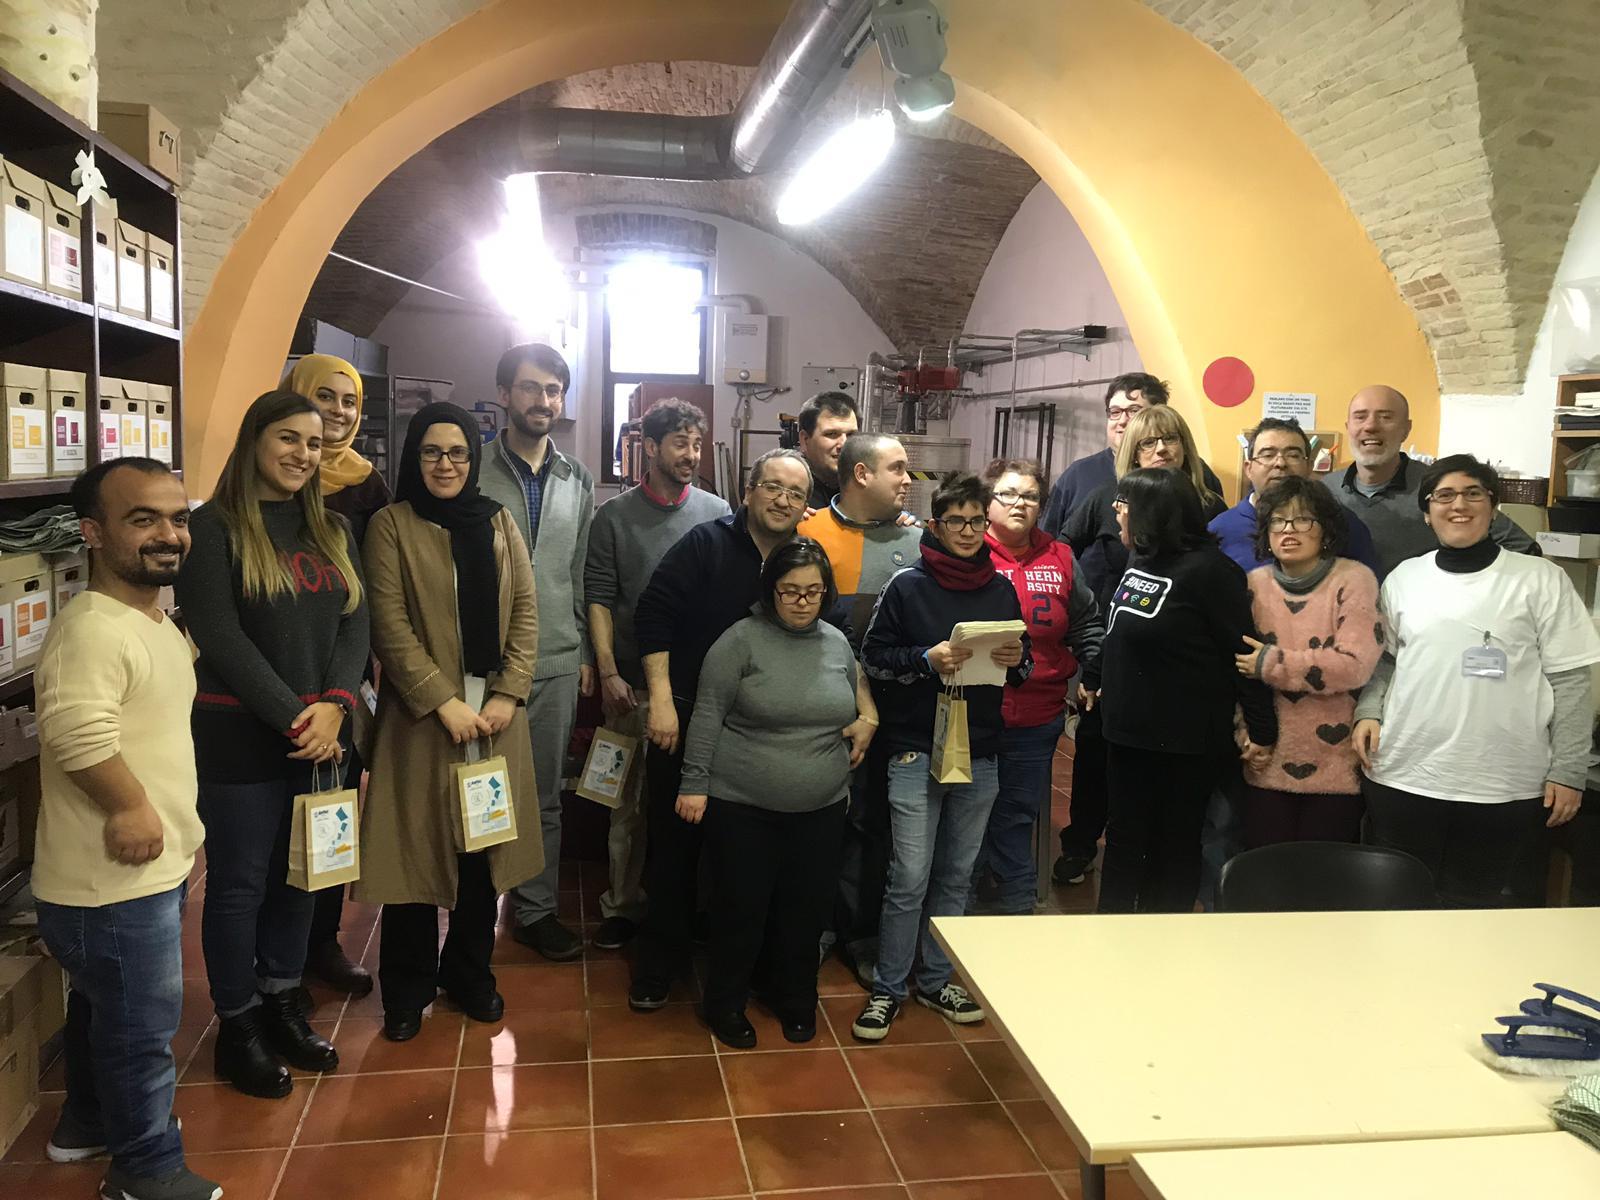 İş Başı Gözlem Toplantısı için İtalya'daydık